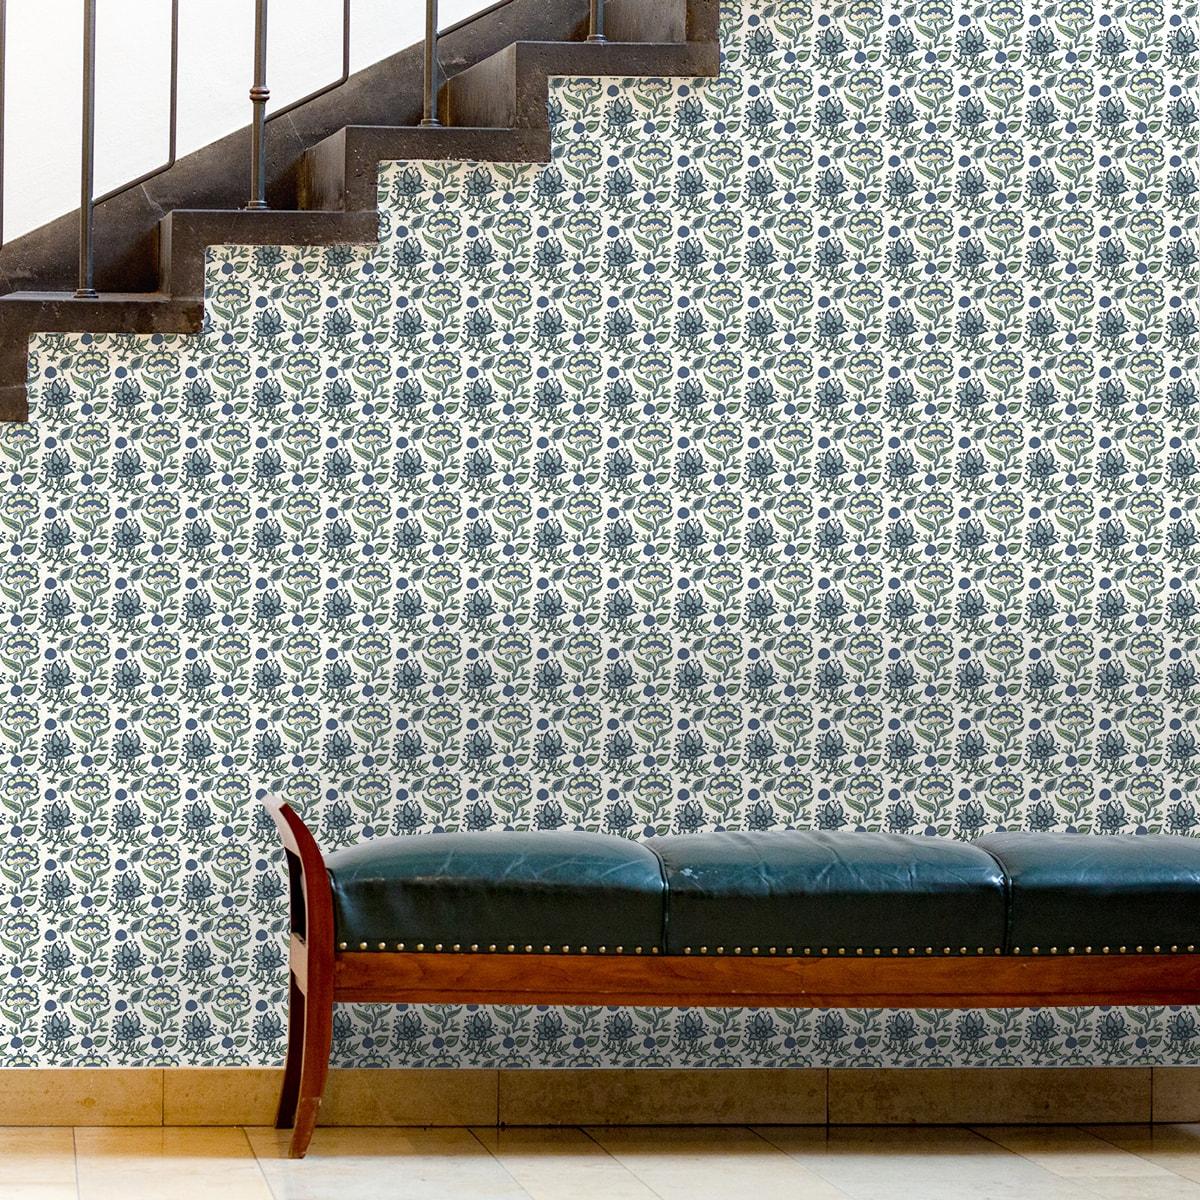 """Schlafzimmer tapezieren in creme: Florale Tapete """"Little India"""" mit folklore Muster in hellblau für Schlafzimmer"""